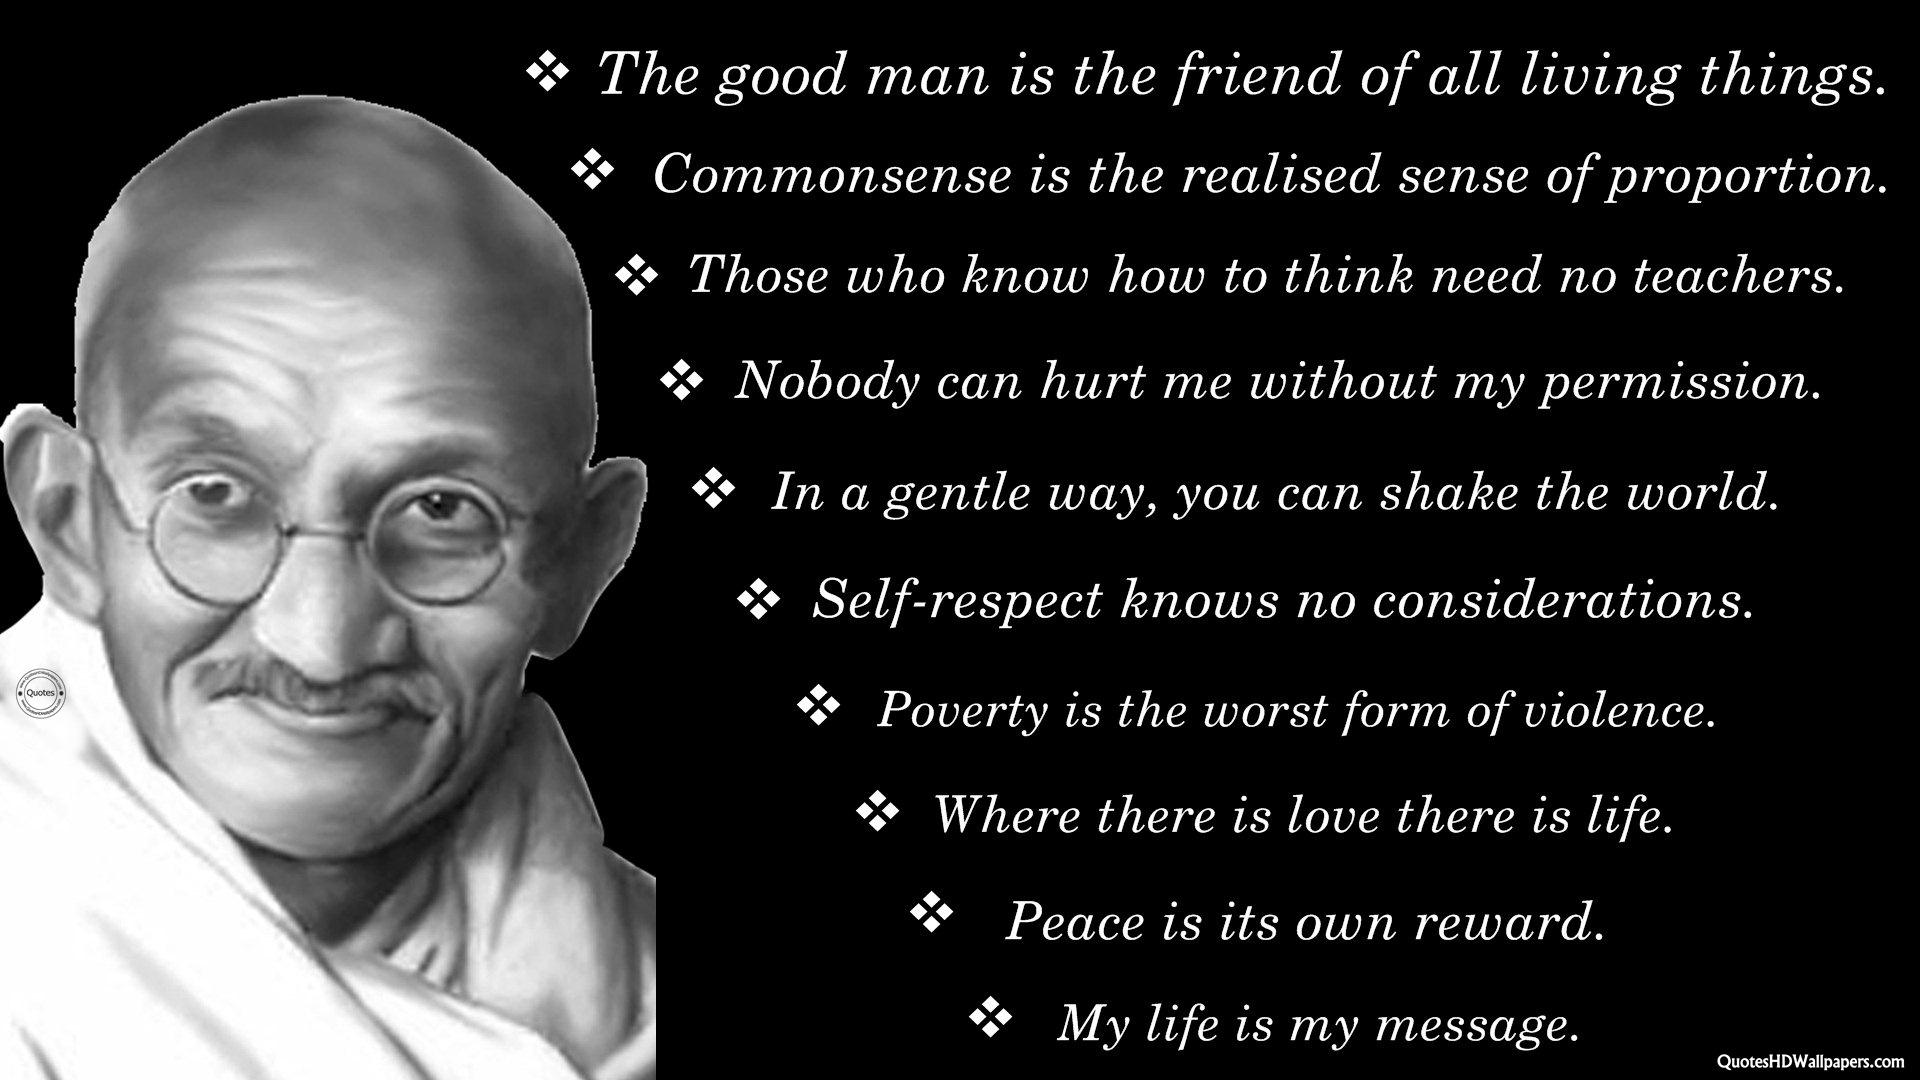 Gandhi quote #1